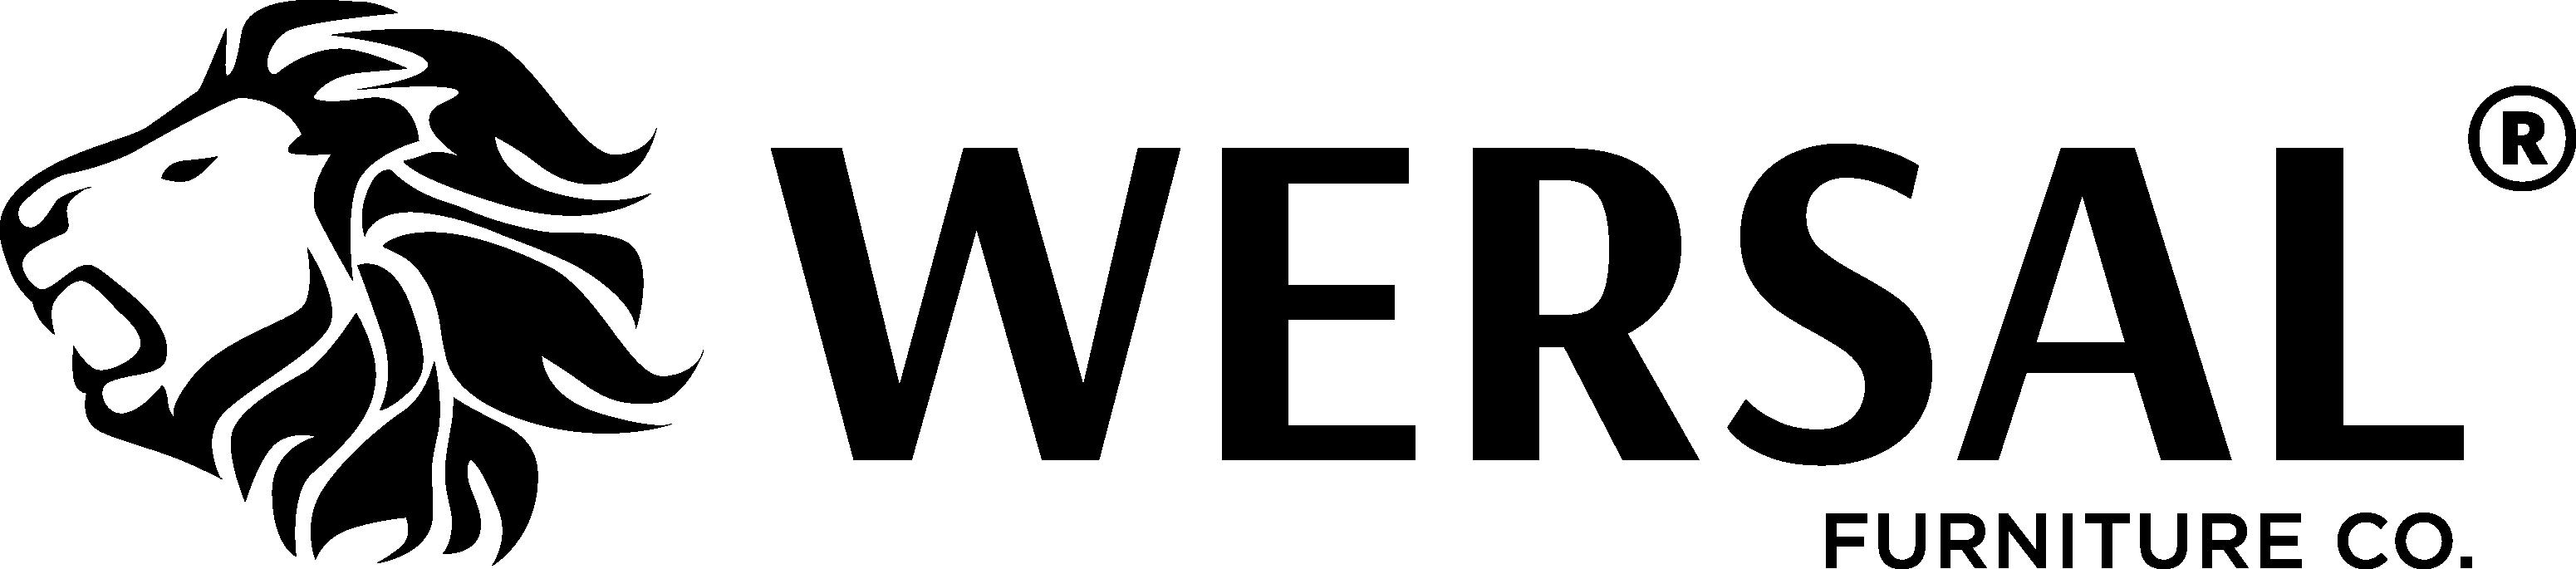 logo-wielkosc-podstawowa-1-